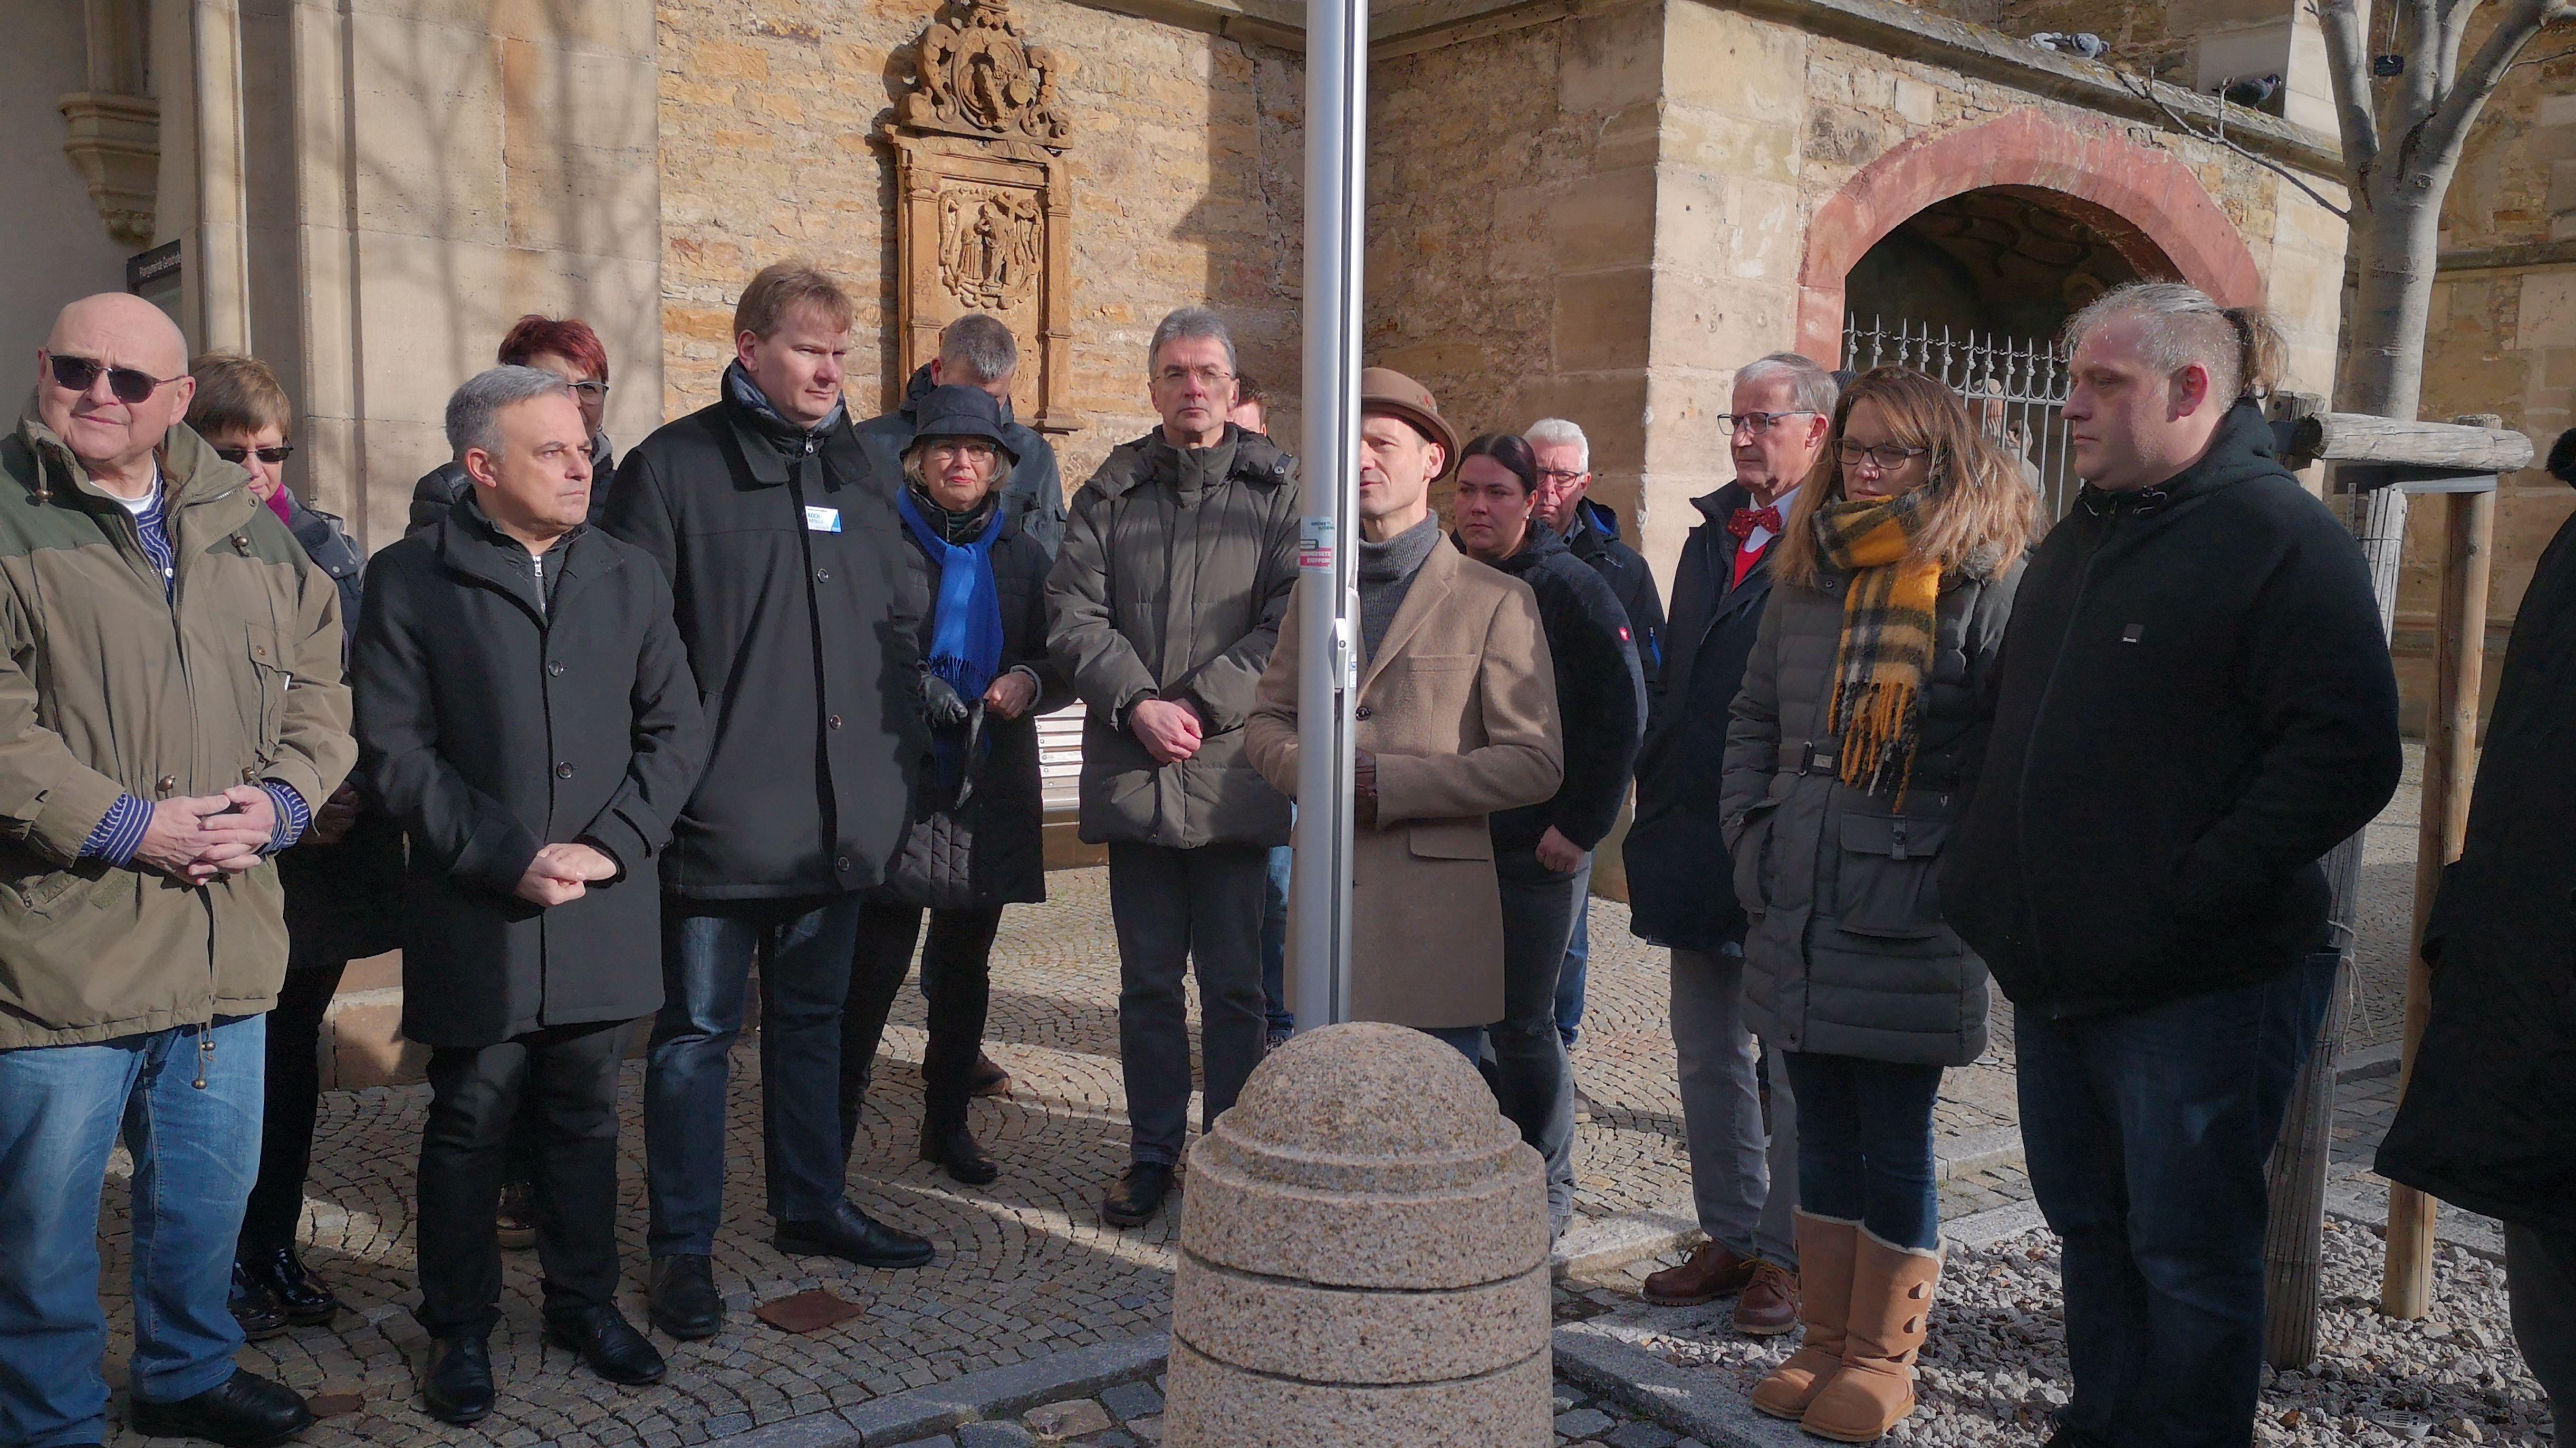 Wahlkampf in Gerolzhofen für Gedenken an Hanau unterbrochen